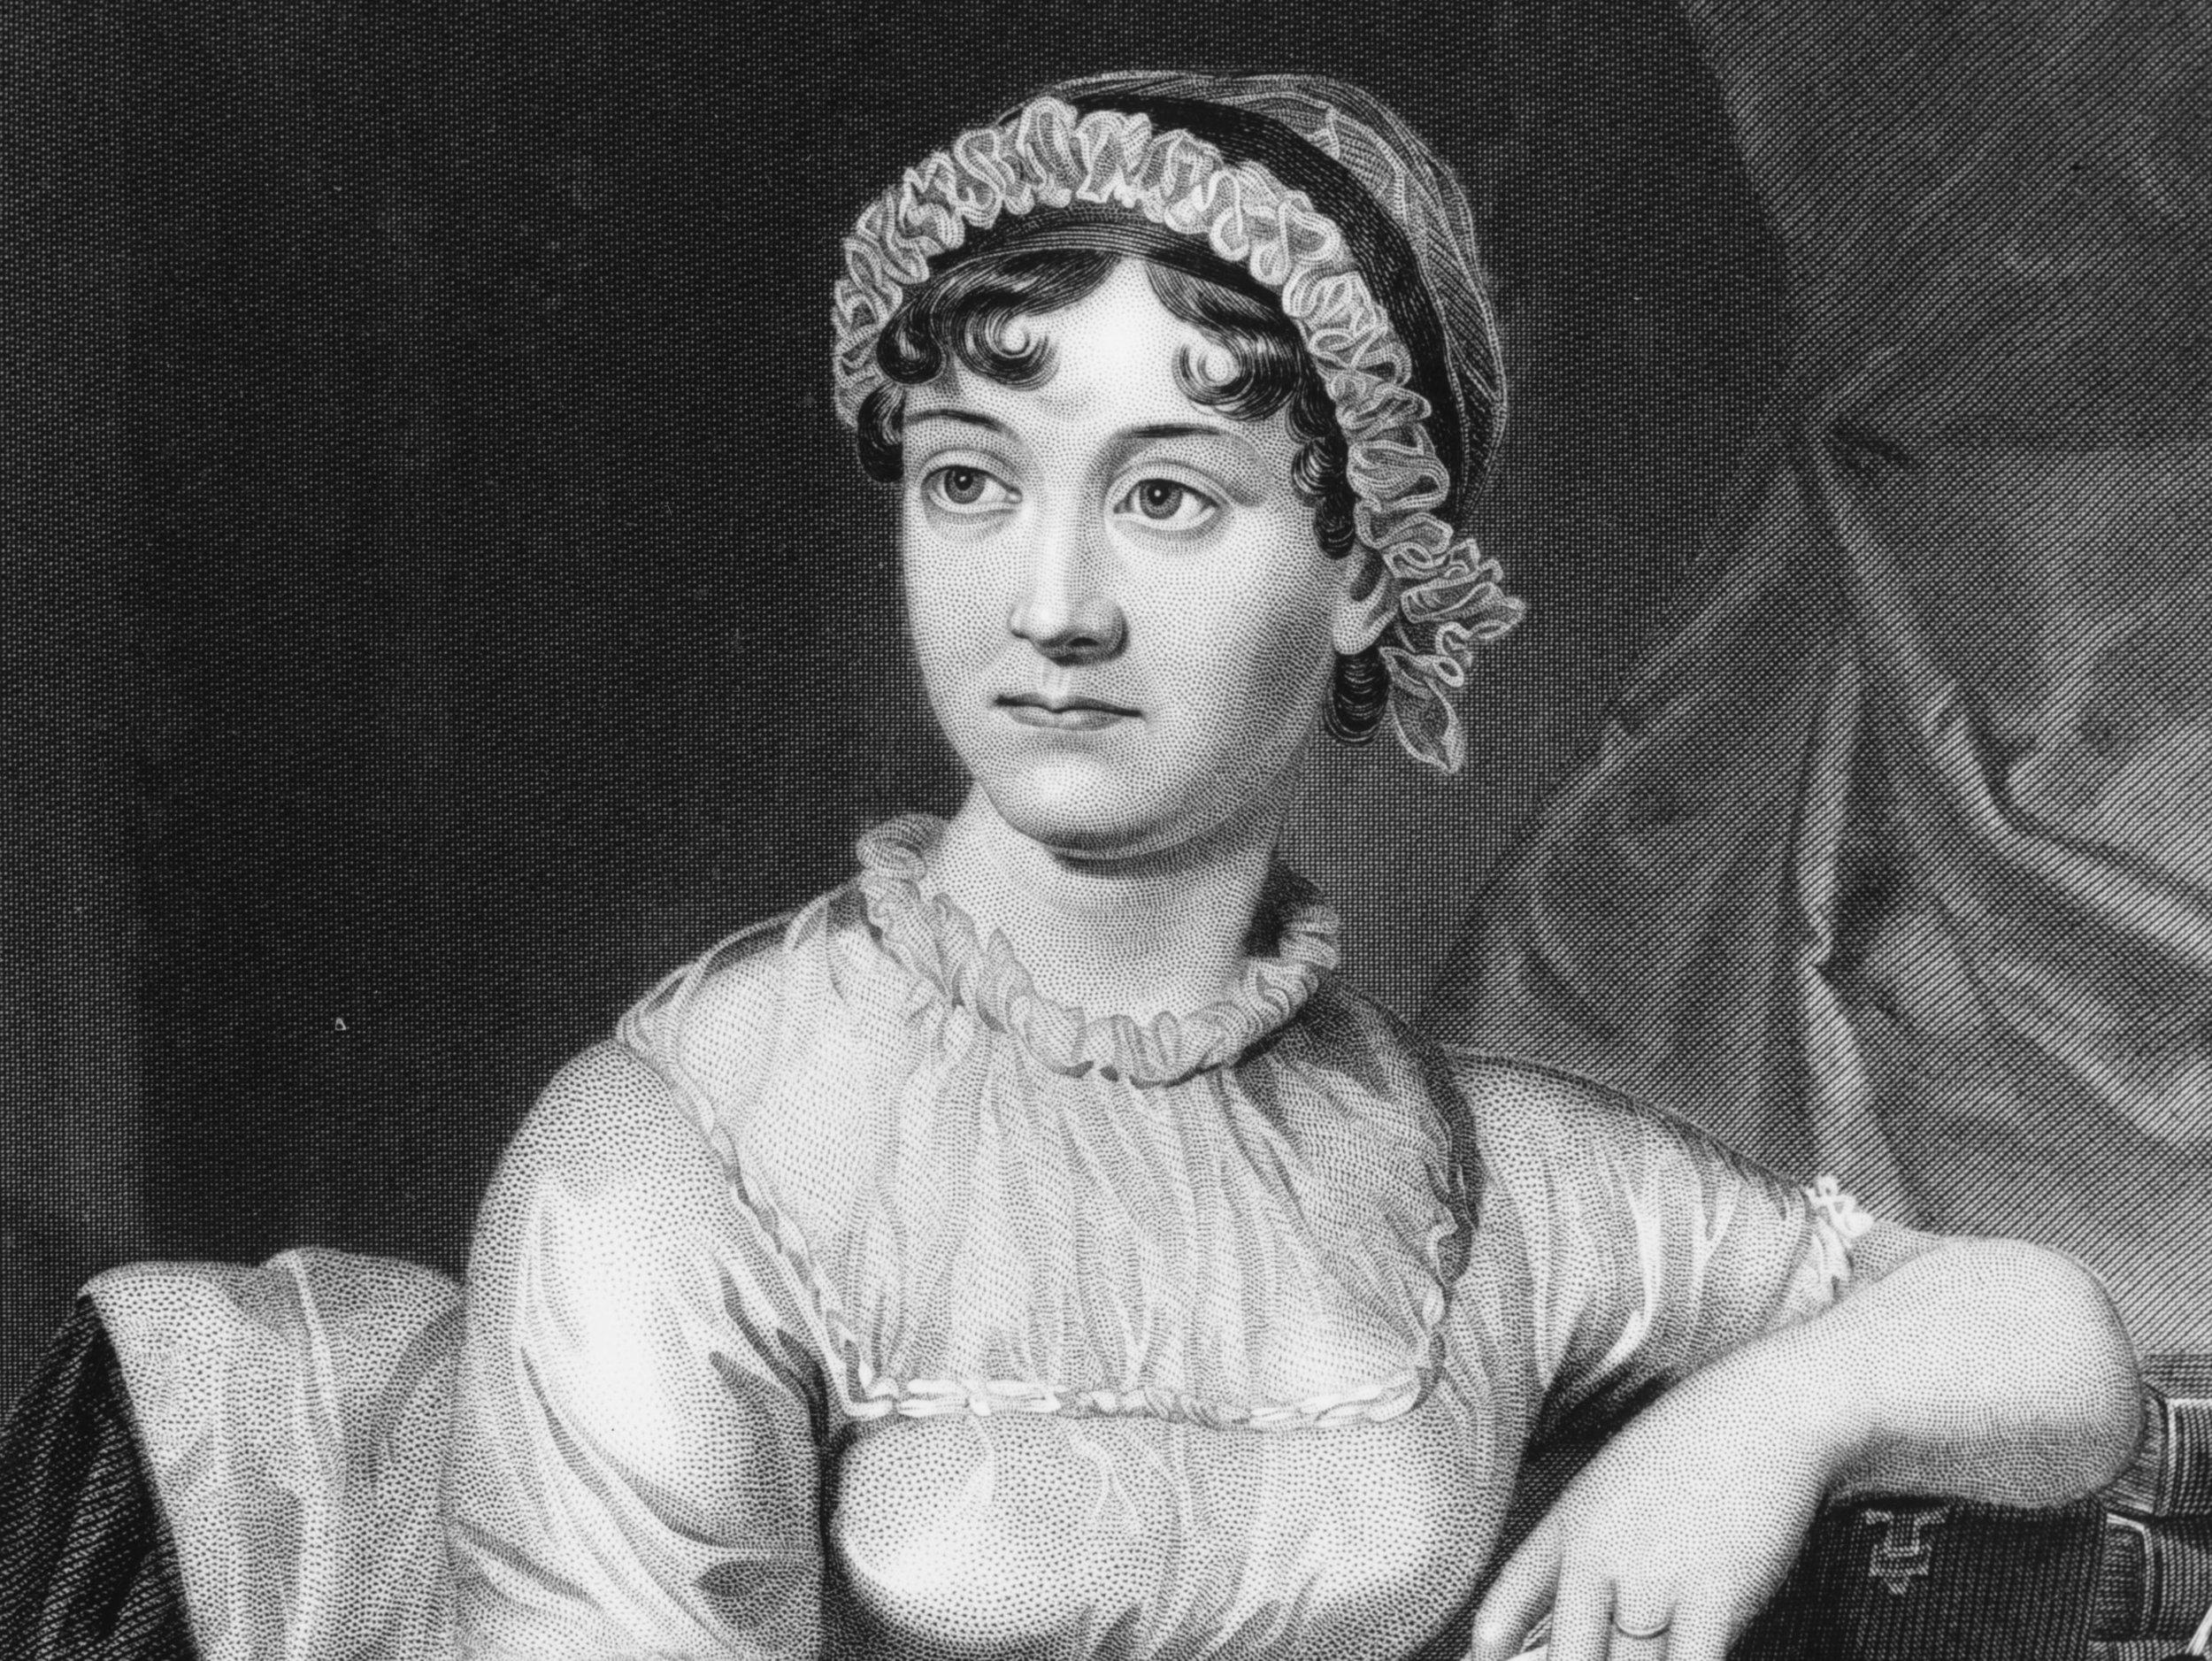 Jane-Austen-7fd22ed7446999a4097e310067a85dea9ee15e04.jpg